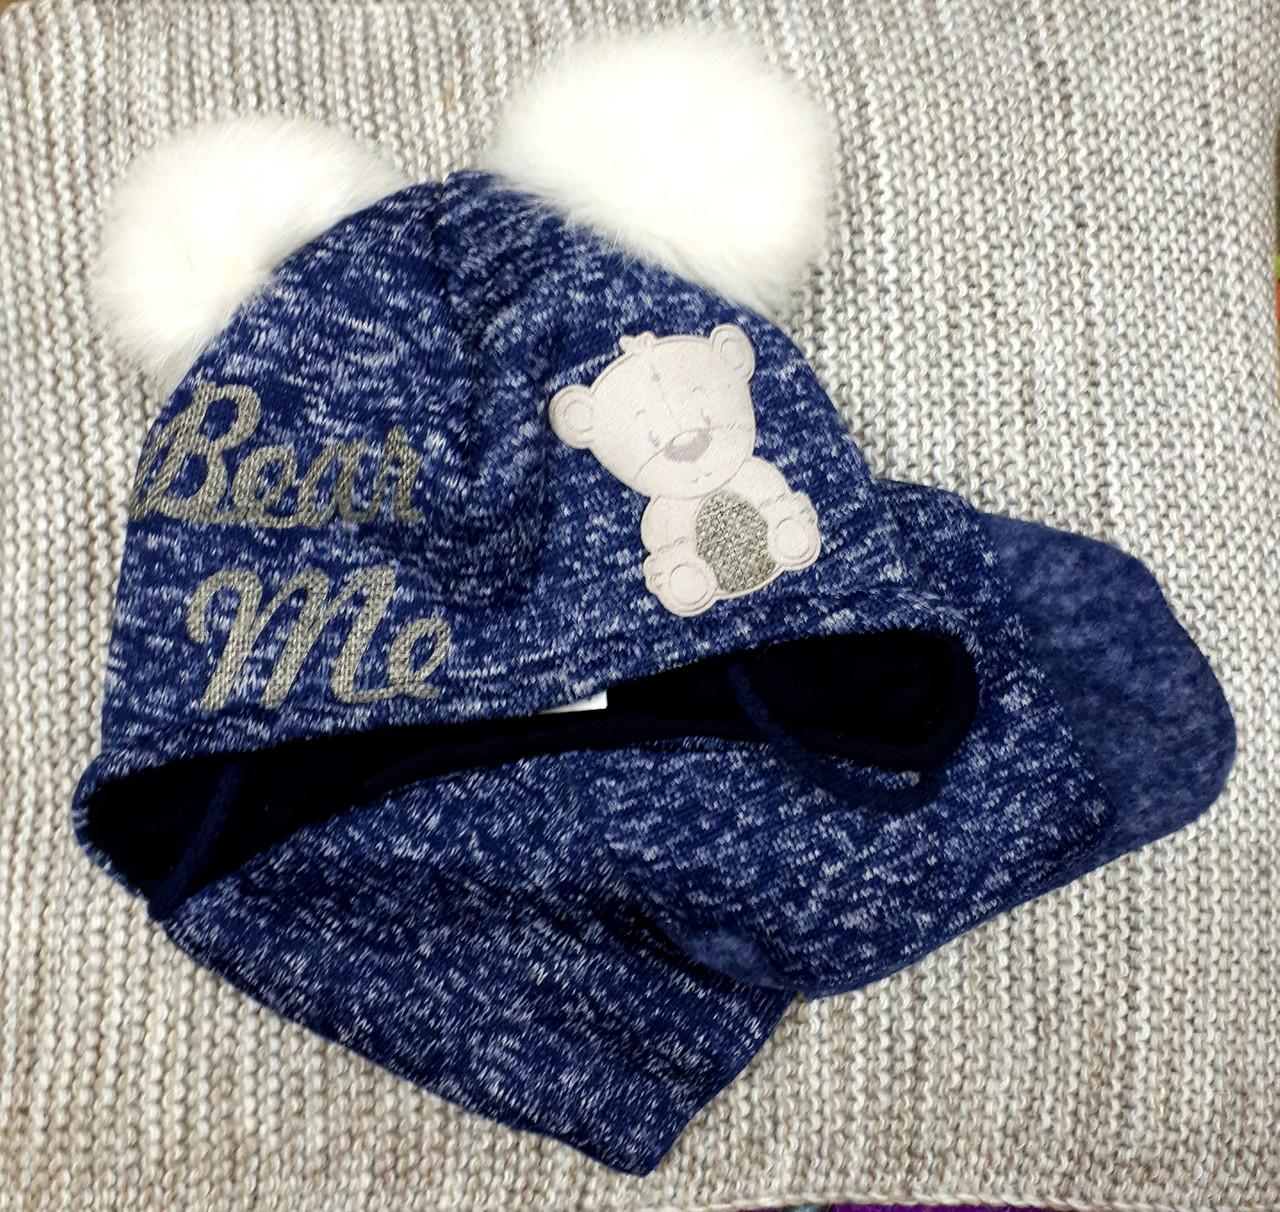 Шапка с шарфом детская  на мальчика зима синий меланж Польша размер 44 48